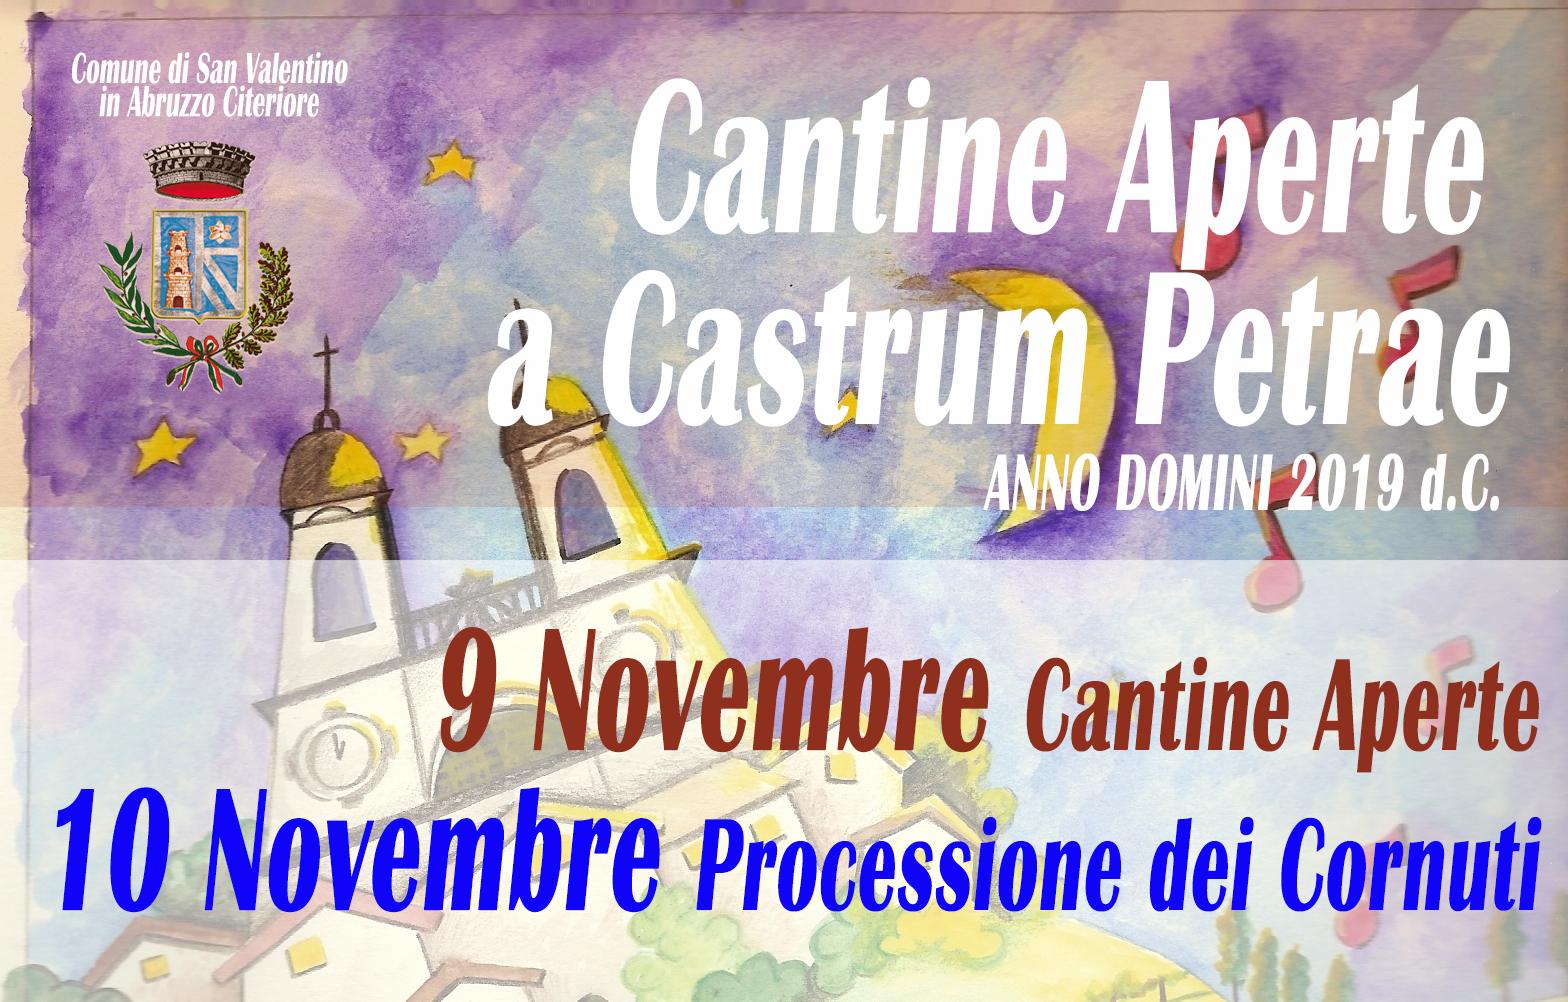 Informazioni Cantine Aperte a Castrum Petrae 2019 - ritorno alle origini